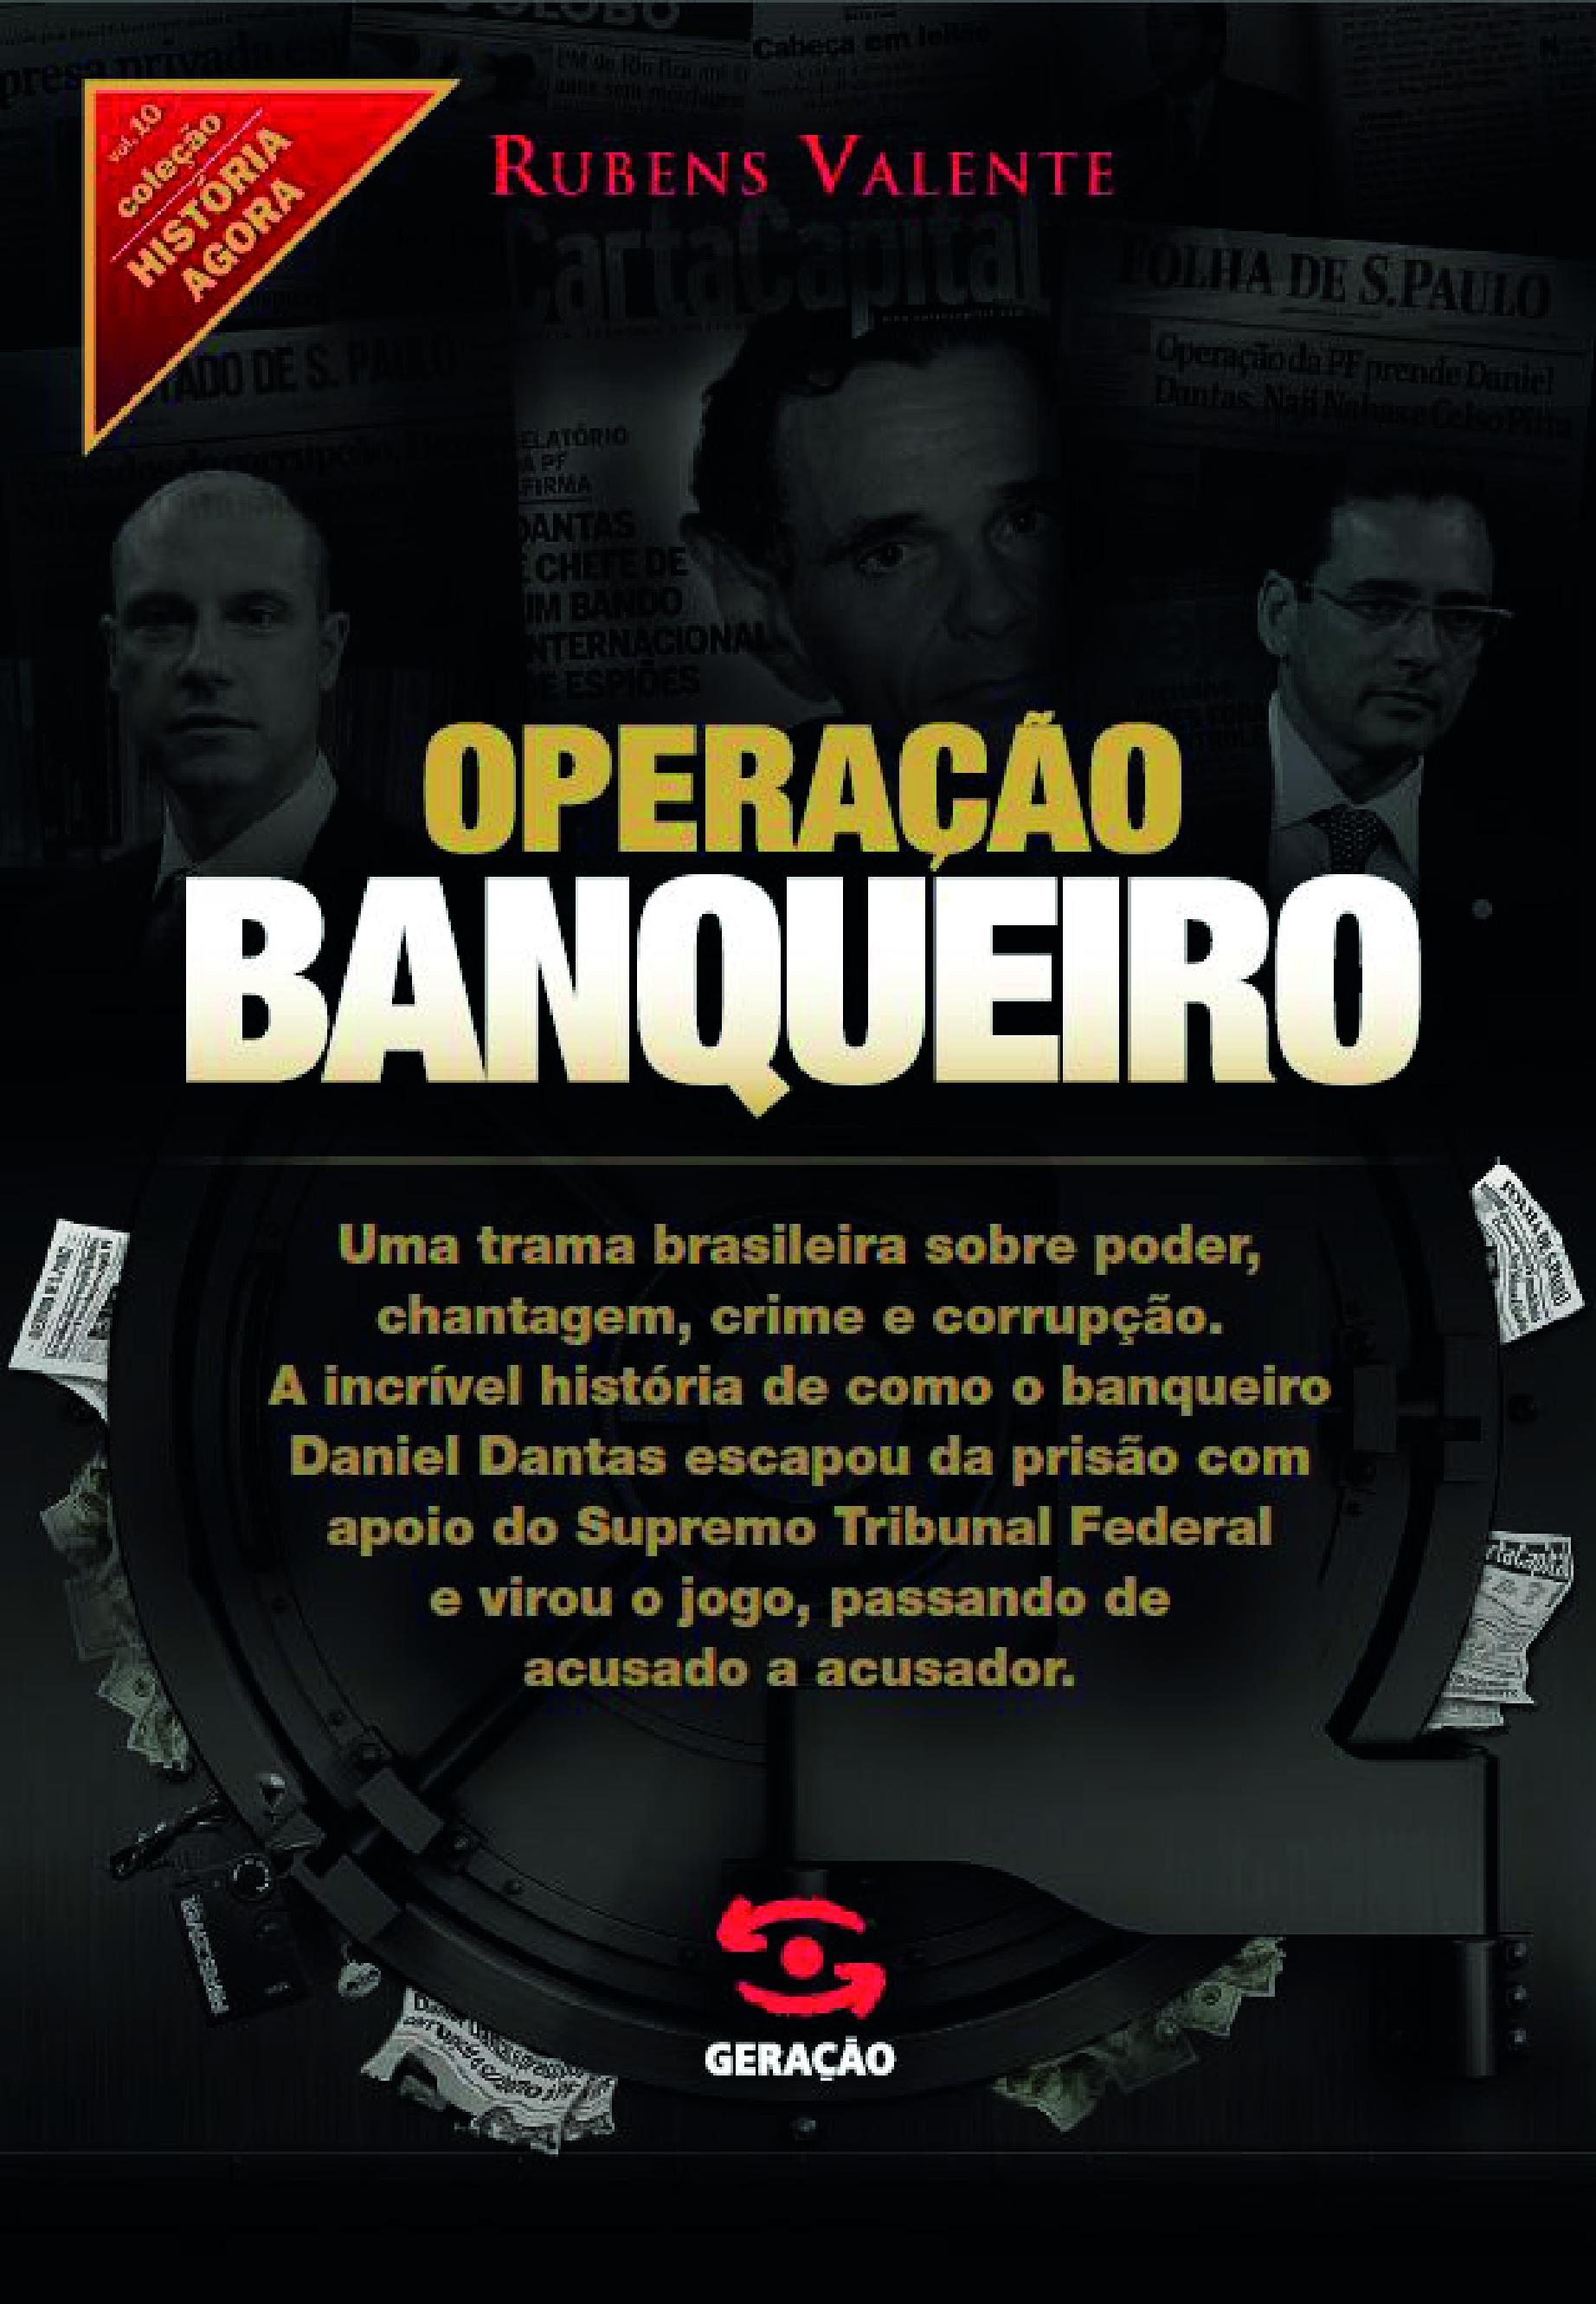 http://geracaoeditorial.com.br/blog/wp-content/uploads/2014/01/operacao_banqueiro.jpg